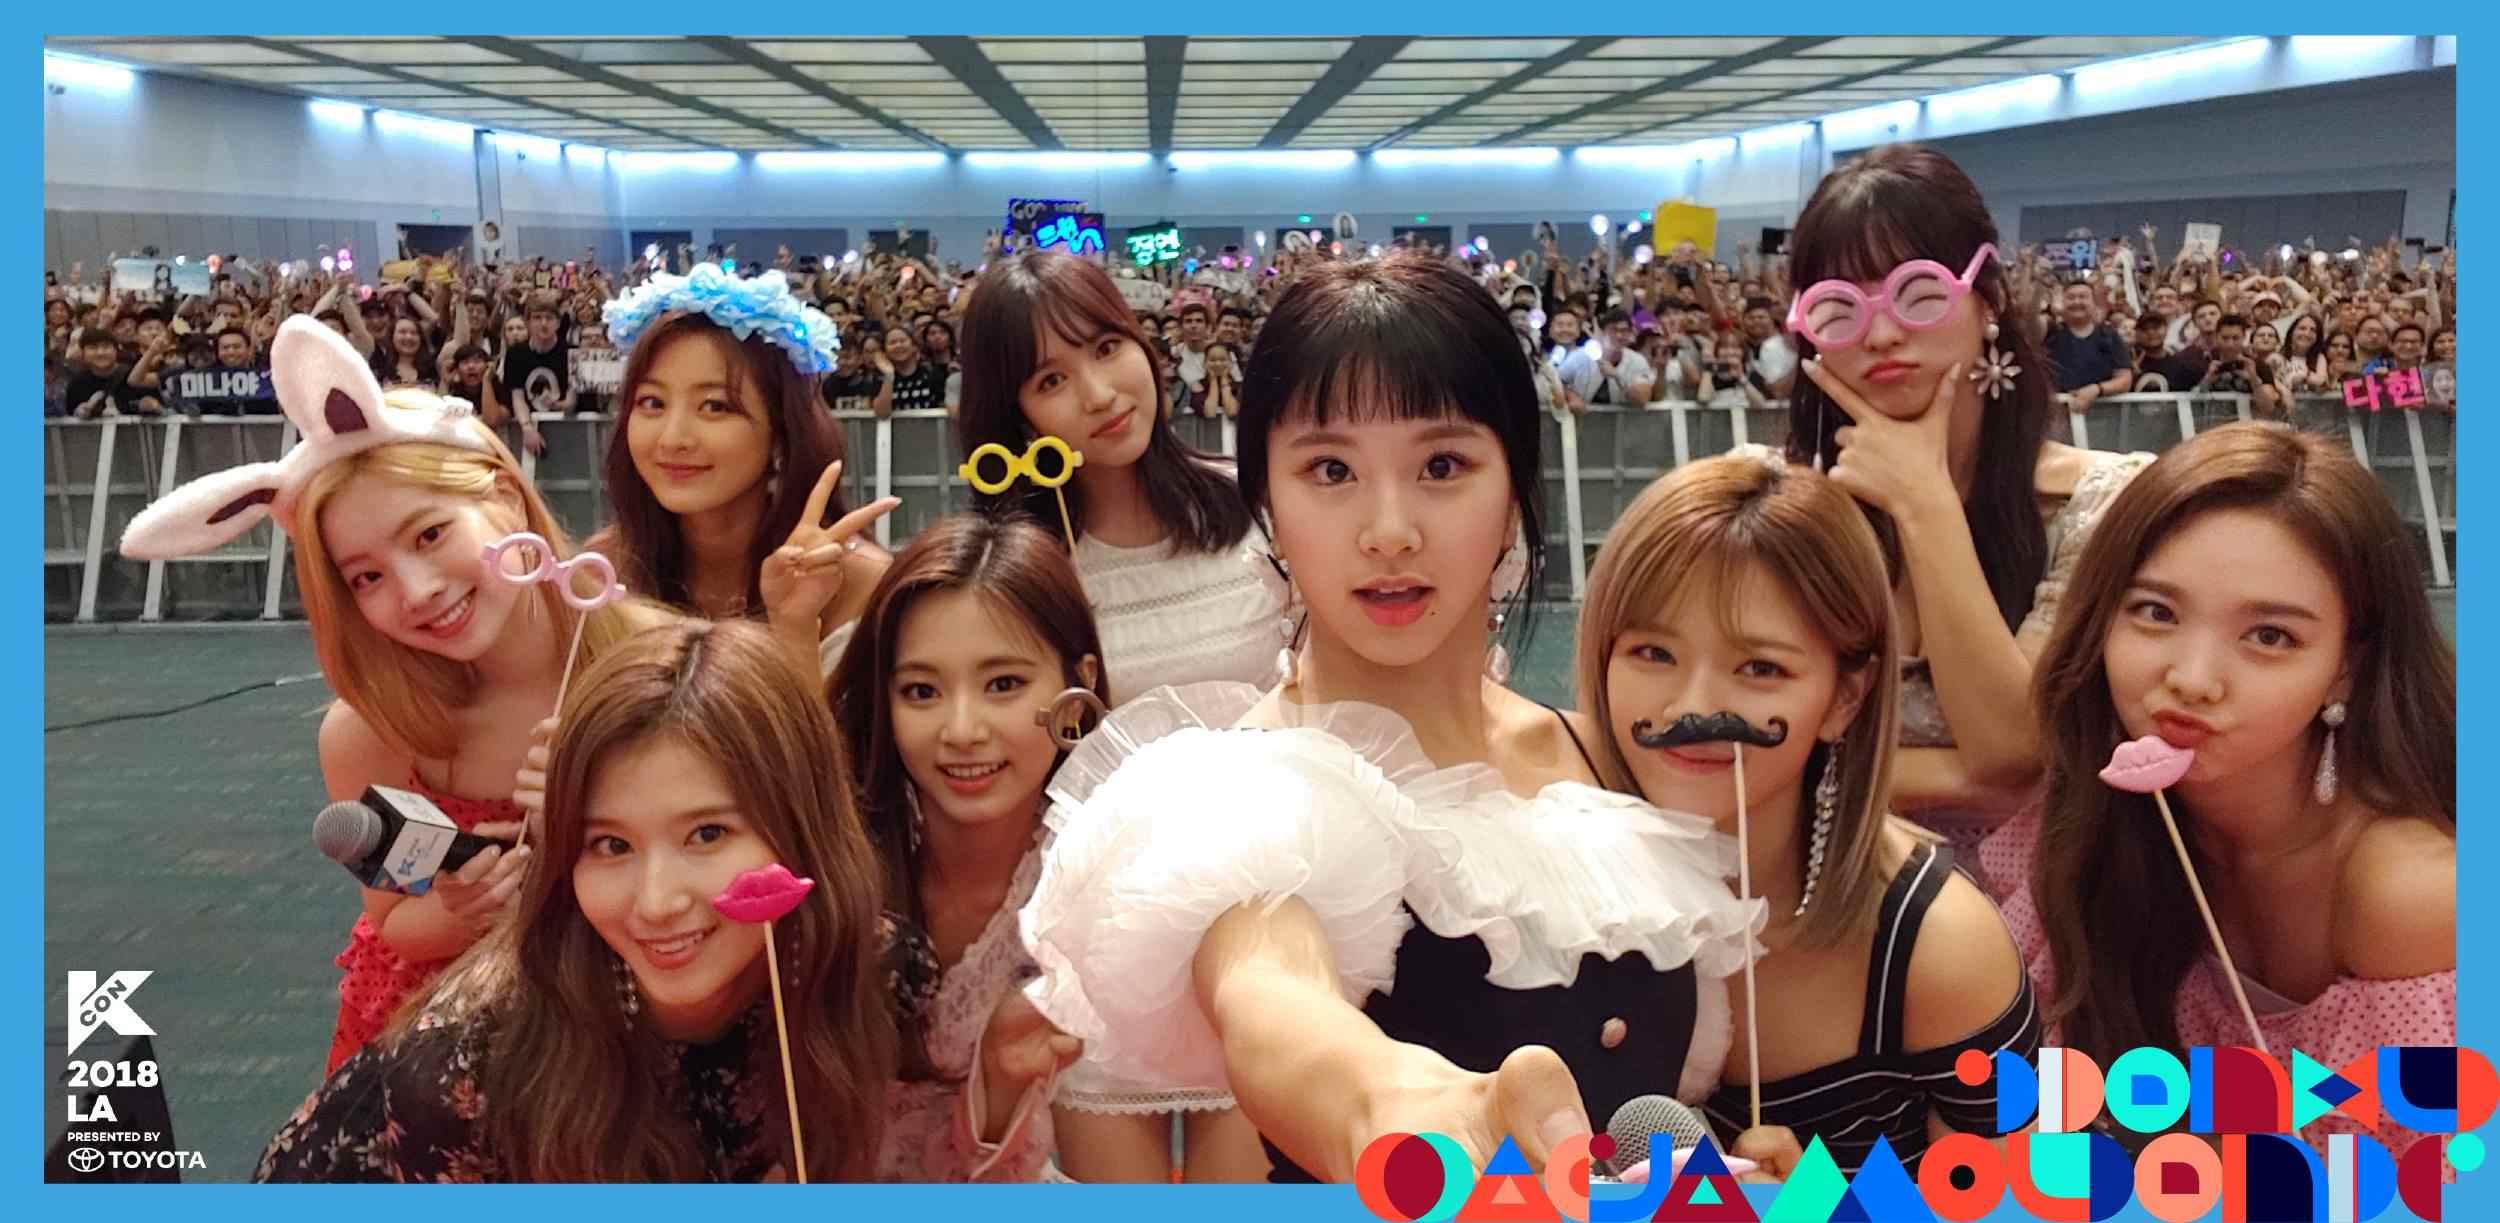 7月的《M!COUNTDOWN in TAIPEI》結束後,緊接者在8月《KCON 2018 LA》也展開了,陣容也是越來越華麗阿!